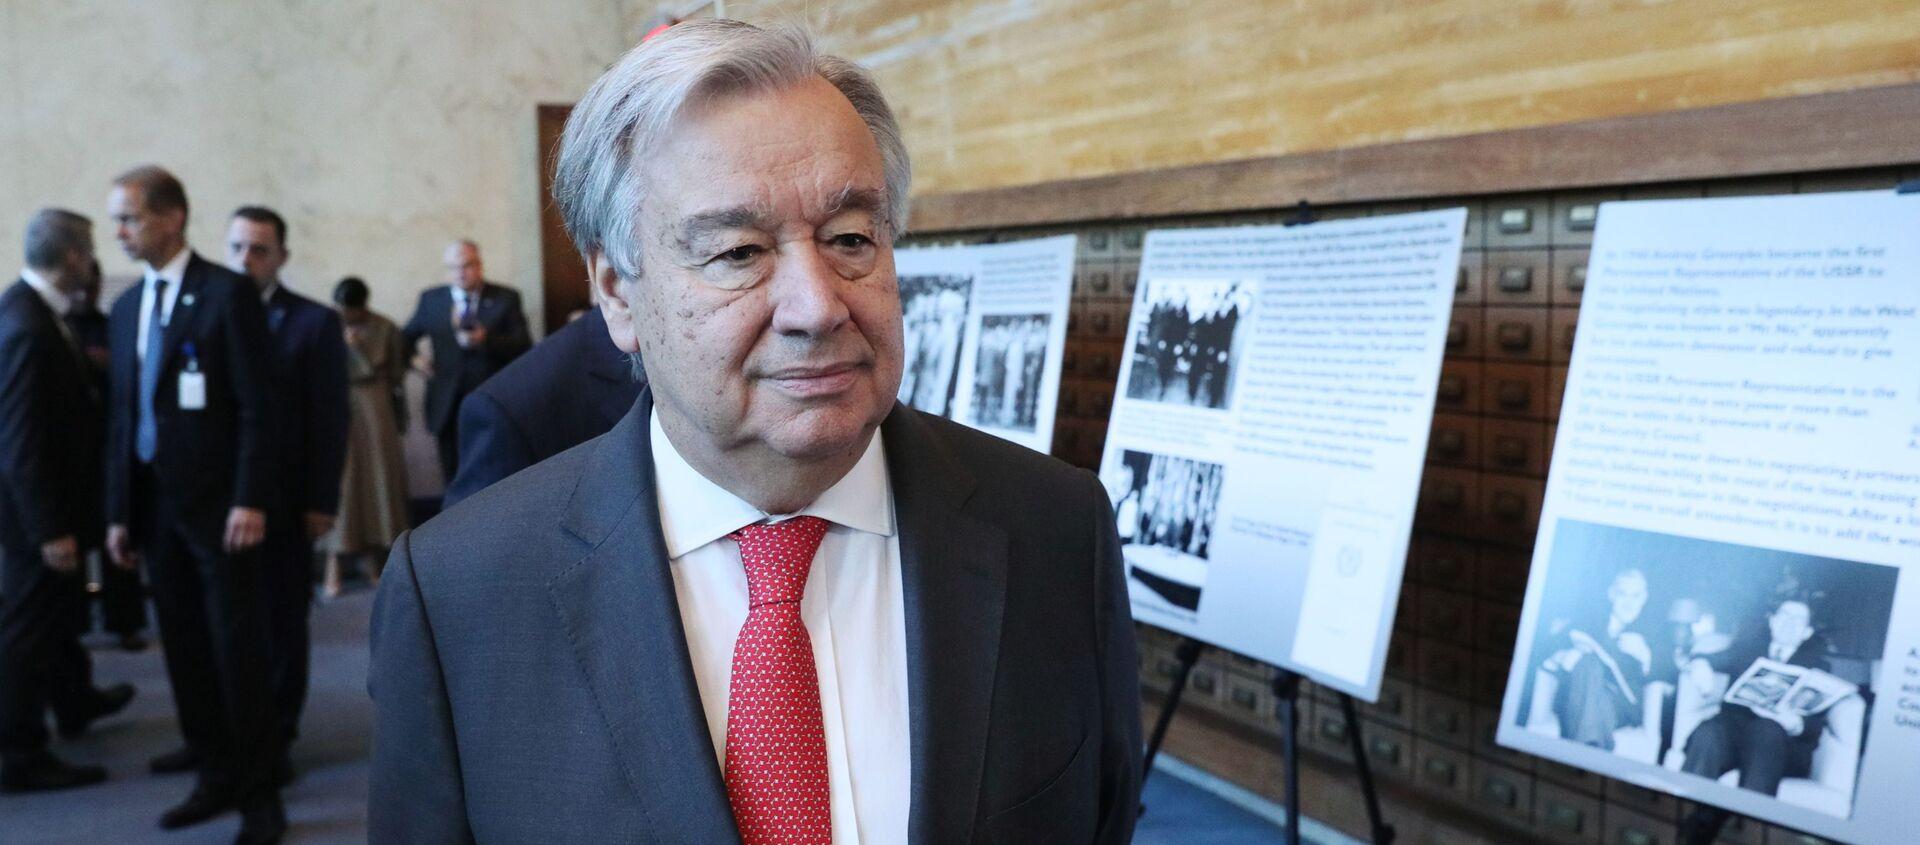 Генеральный секретарь Организации Объединенных Наций (ООН) Антониу Гутерреш - Sputnik Грузия, 1920, 02.12.2020